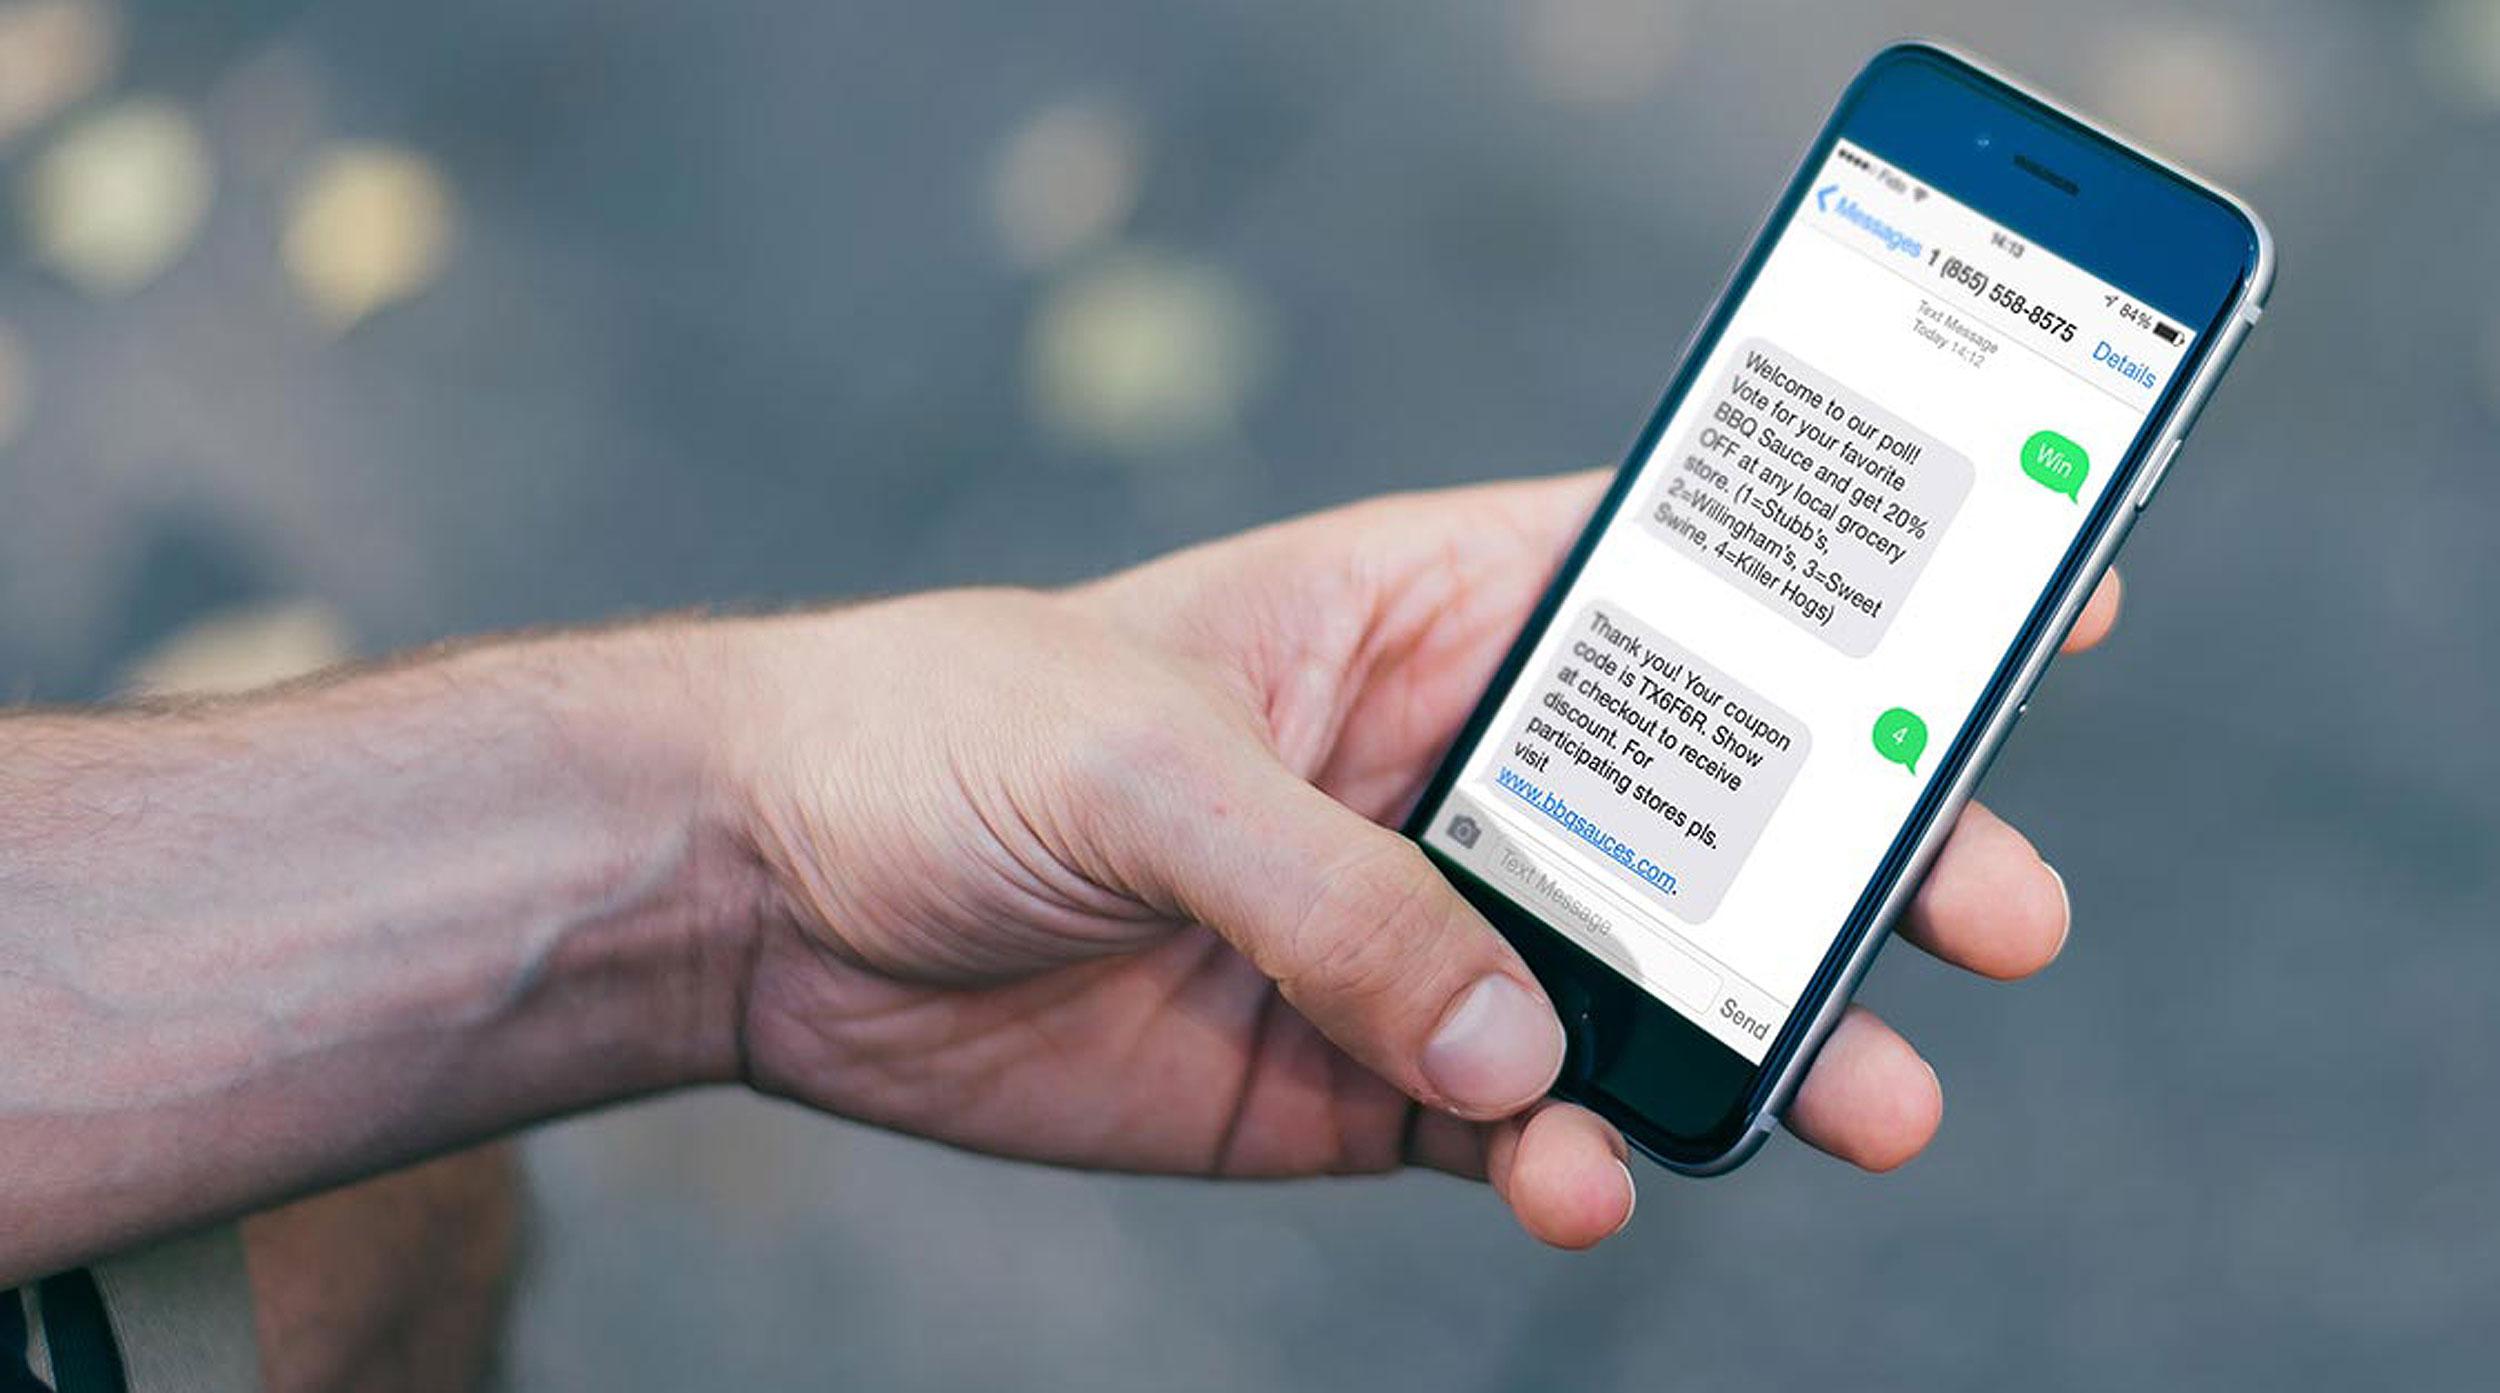 ¡No lo den por muerto! Esperan que los SMS sean un negocio de 26 billones de dólares en 2022